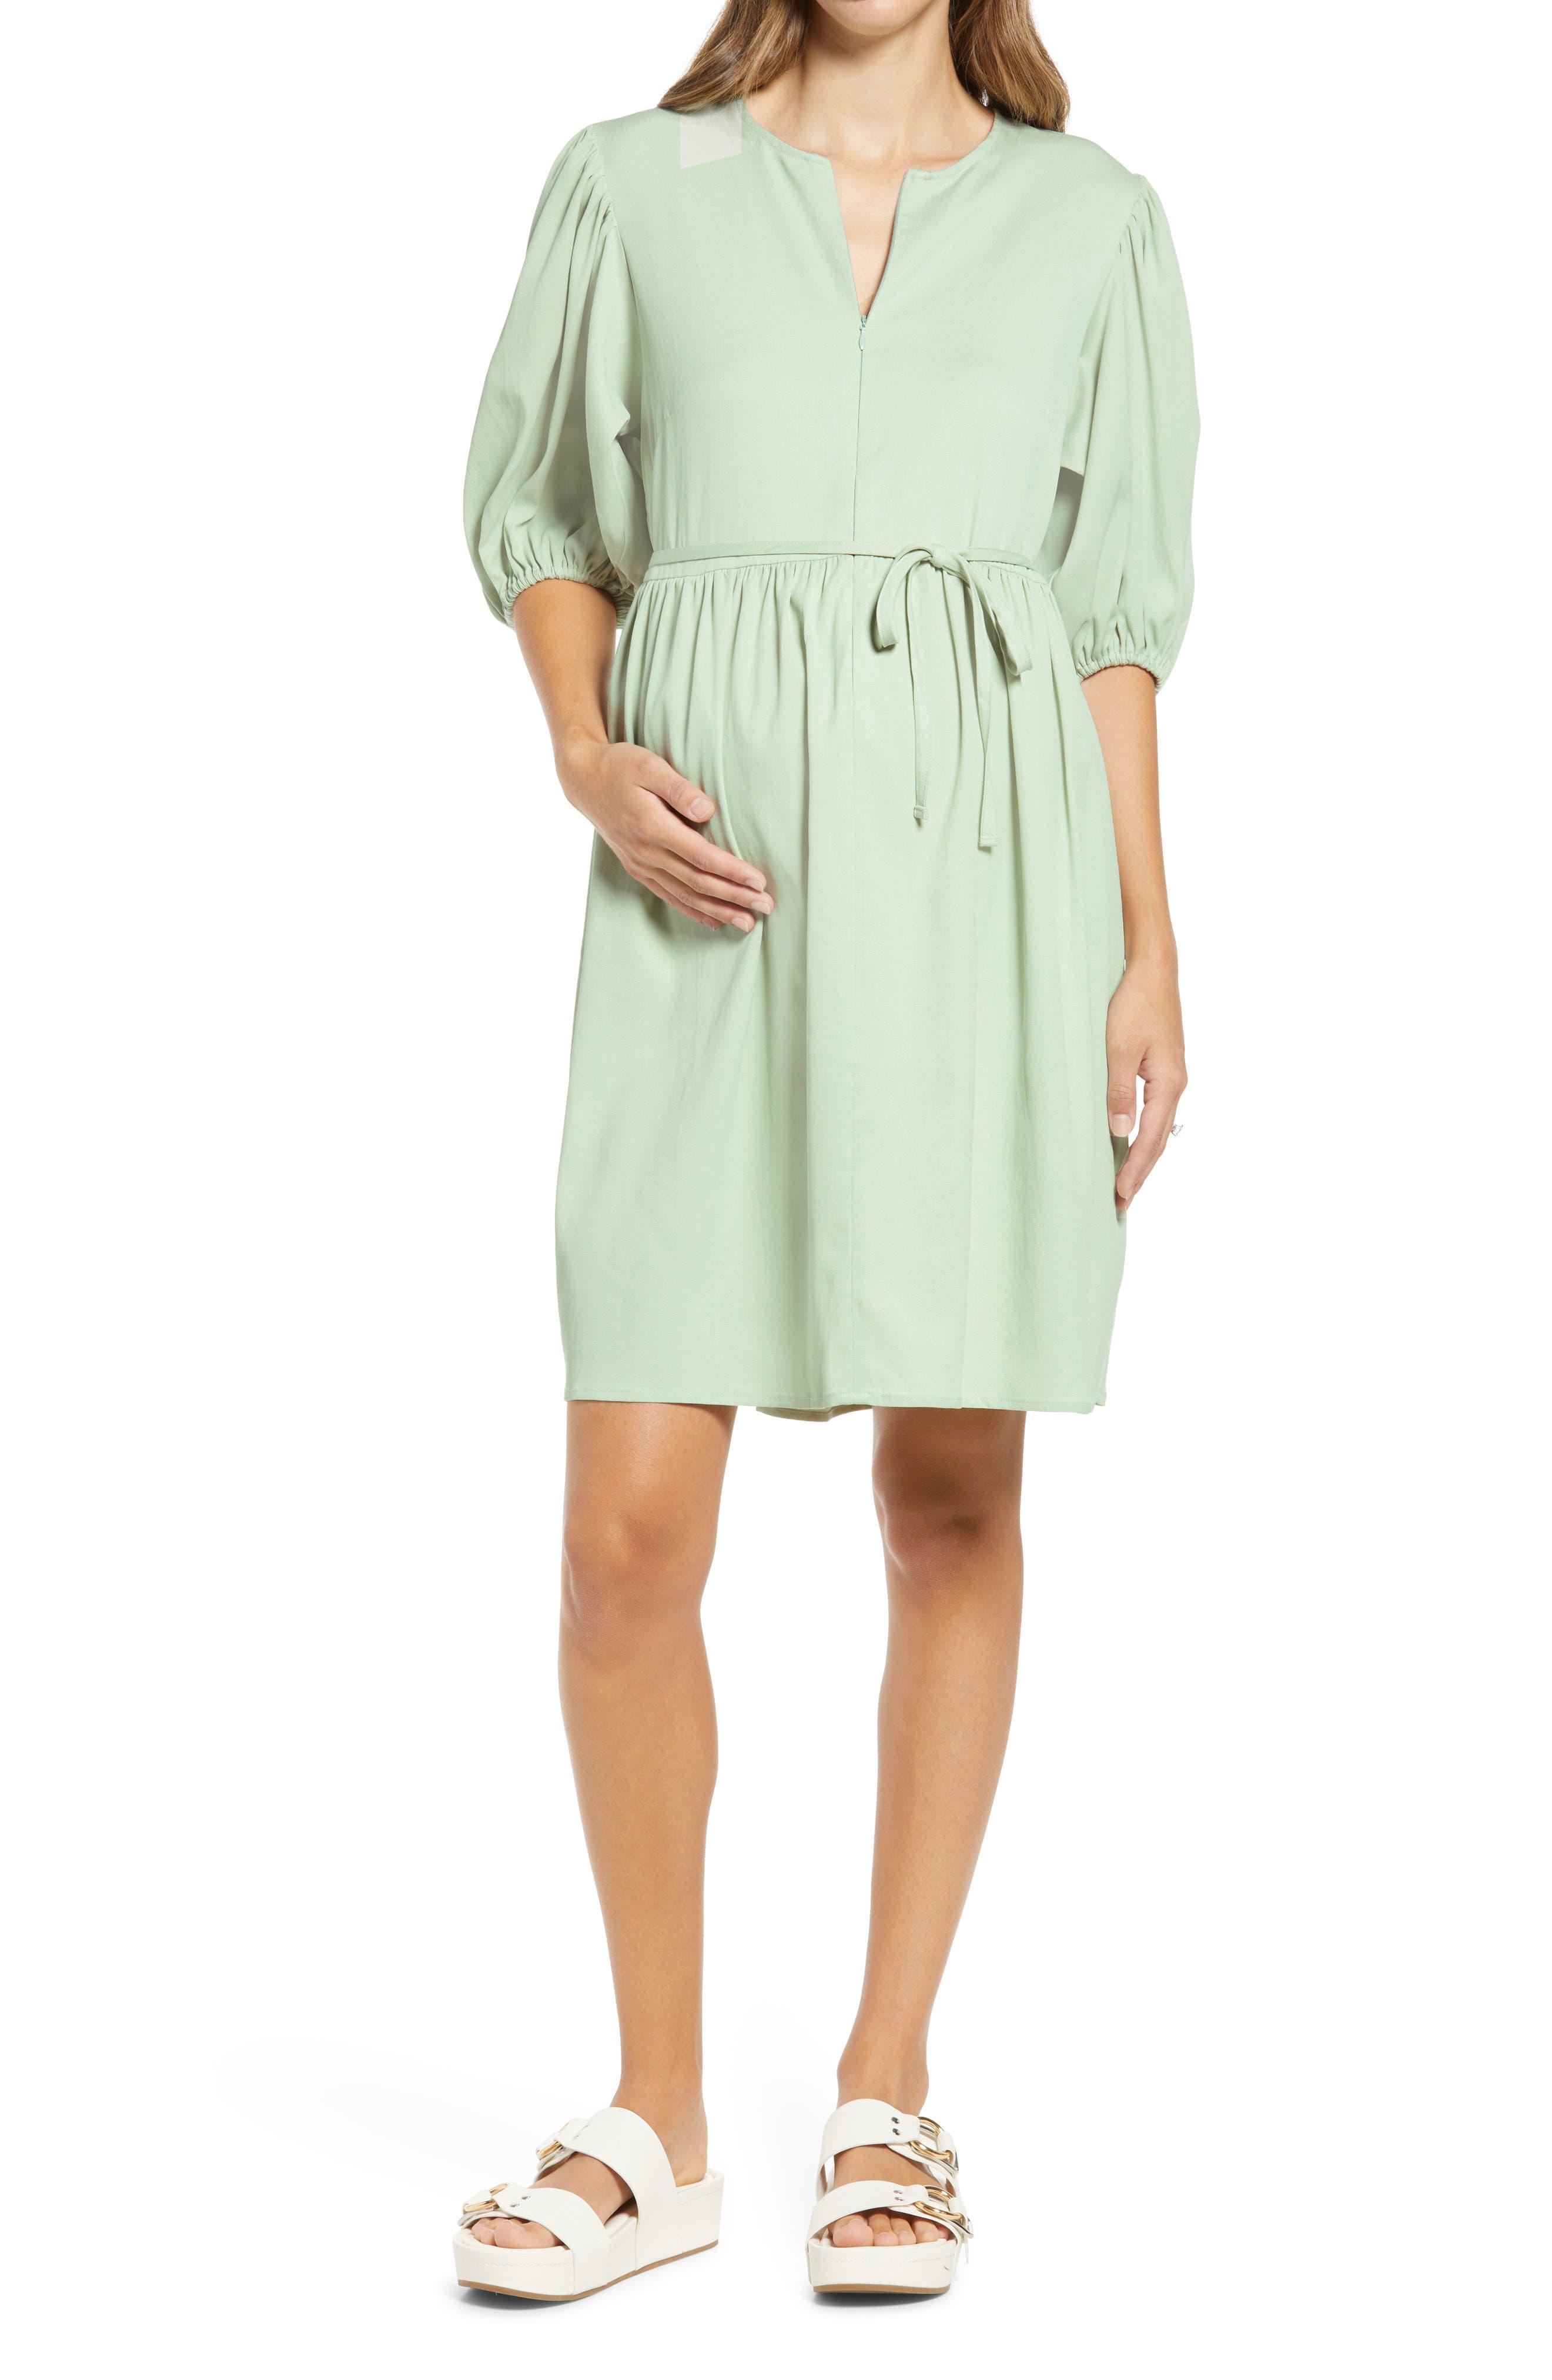 Celest Maternity Dress